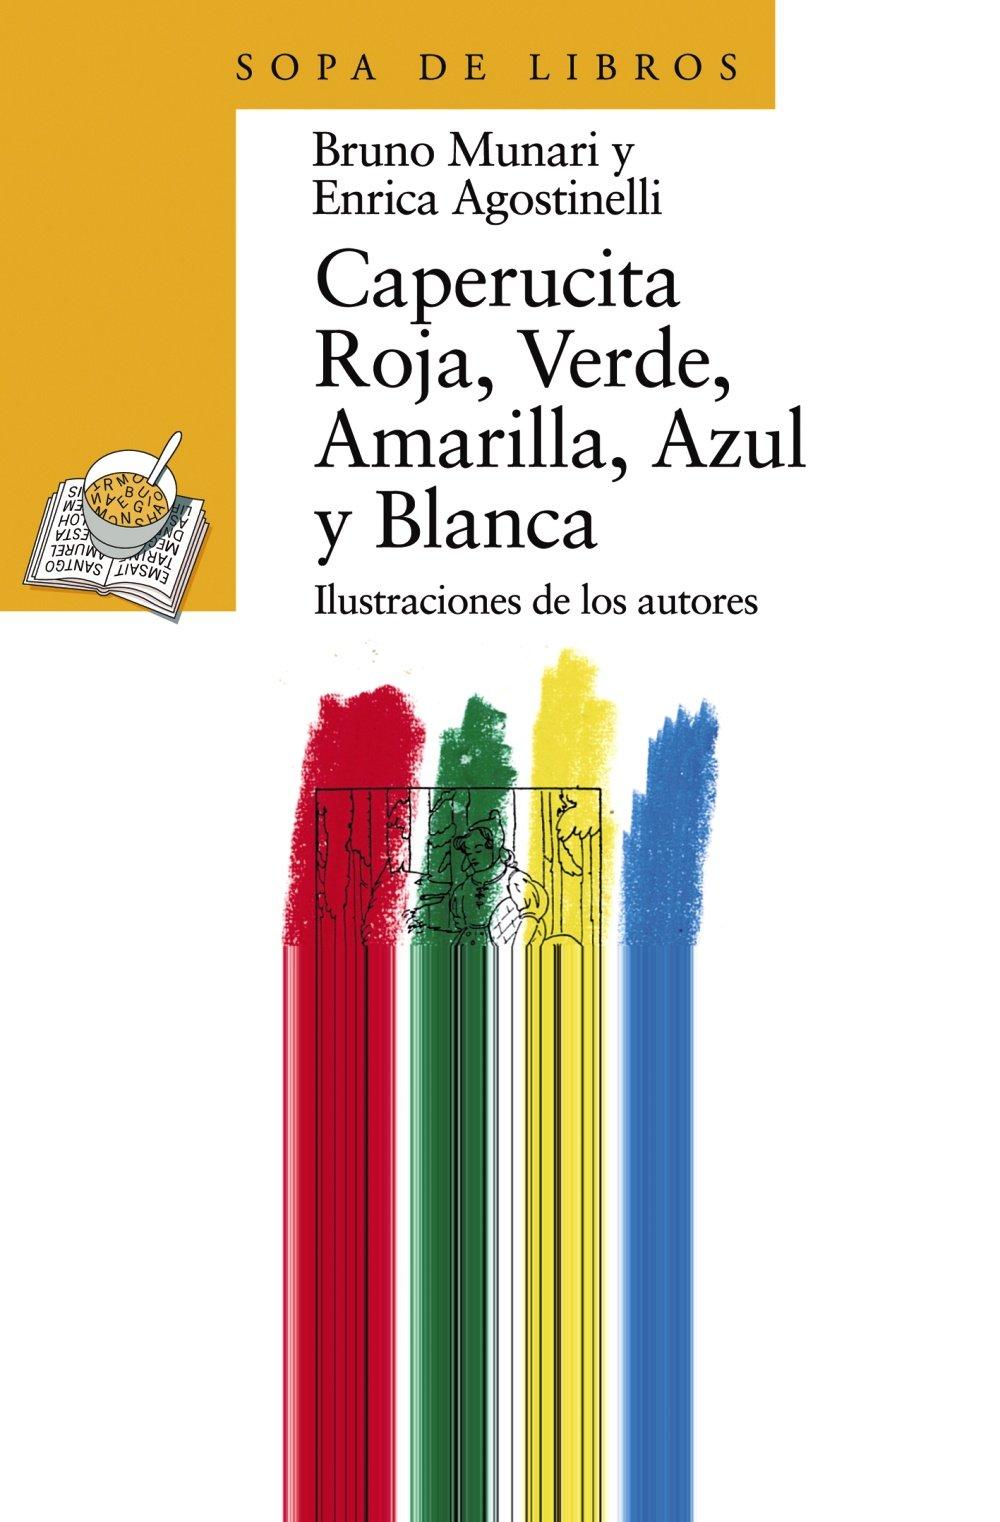 Caperucita Roja, Verde, Amarilla, Azul y Blanca (Sopa De Libros/Soup of Books) (Spanish Edition)